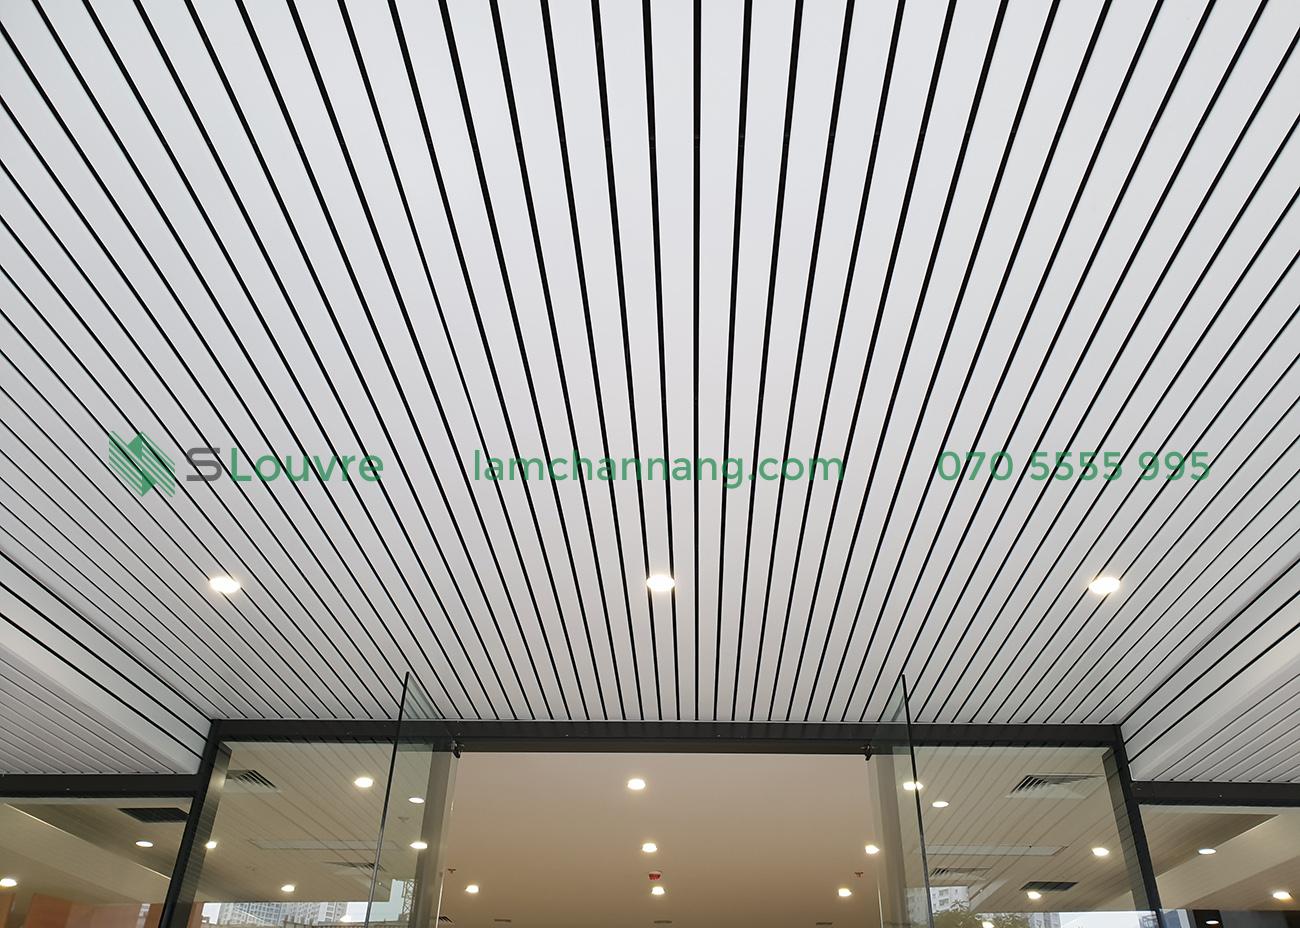 trần nhôm, lam nhôm, trần lam nhôm, trần nhà làm bằng lam nhôm, aluminium louvre, aluminium ceiling, interior aluminium ceiling, interior louvre, aluminium louvre ceiling